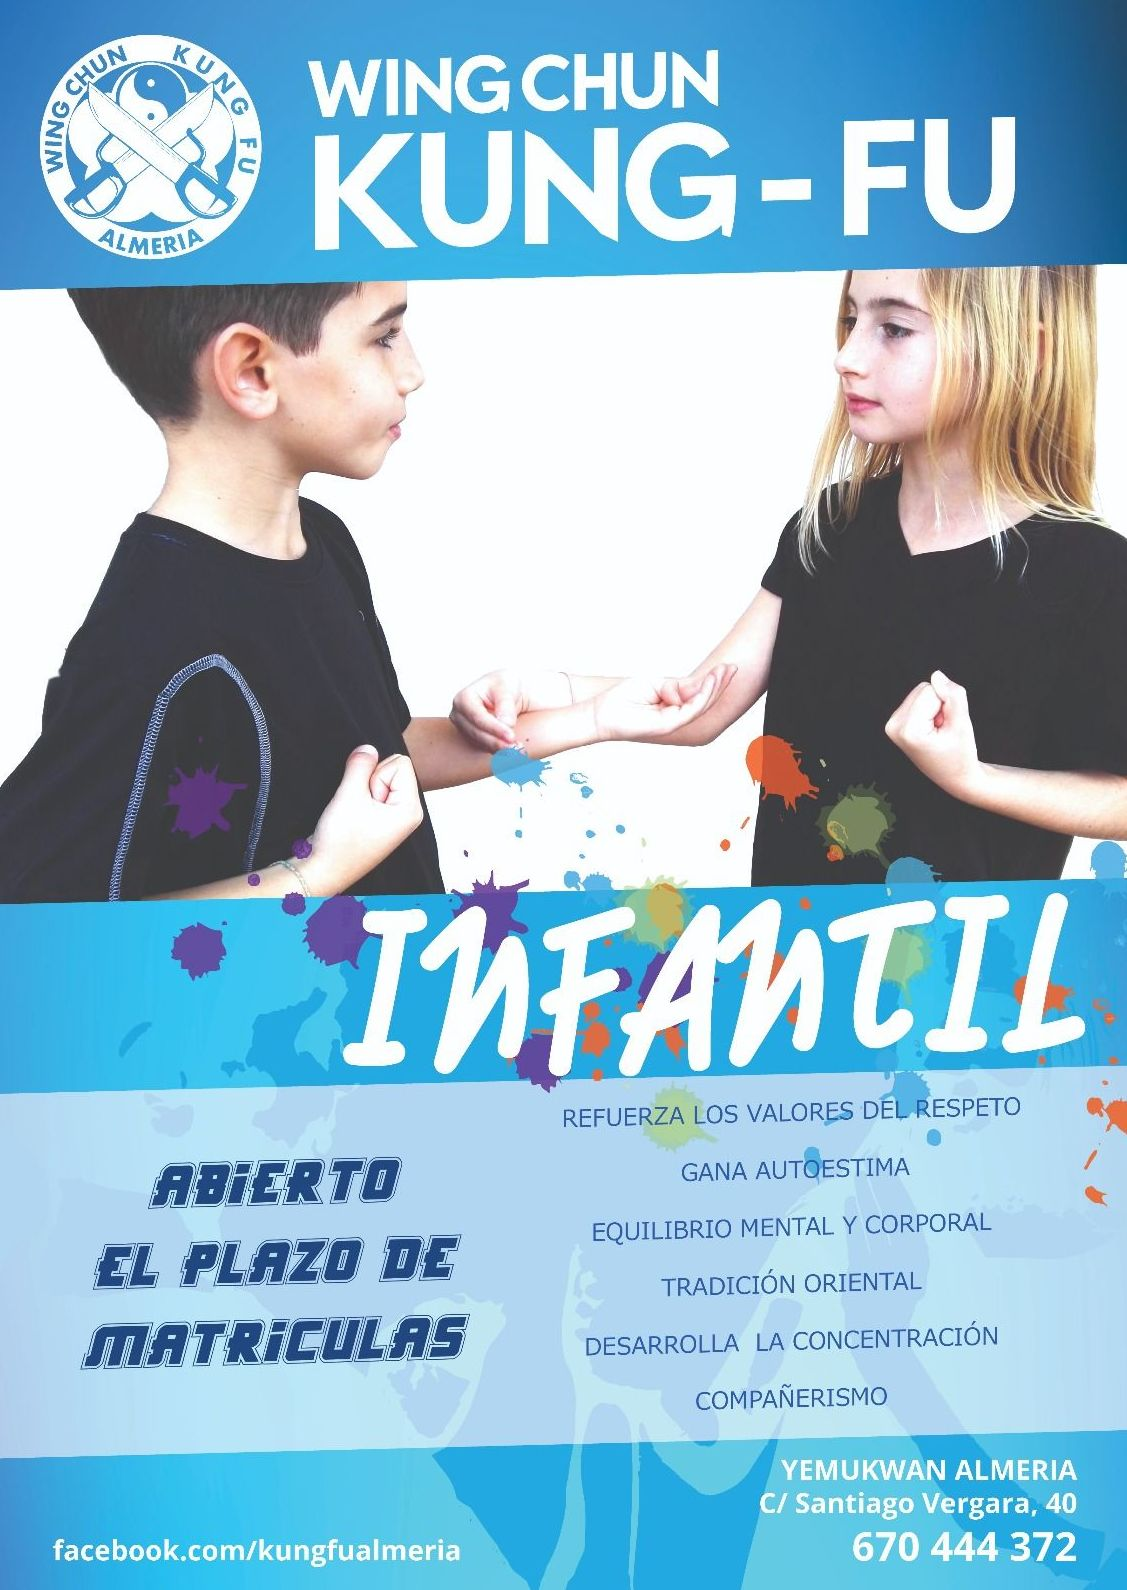 Foto 10 de Gimnasios en Almería | Yemukwan  Almería